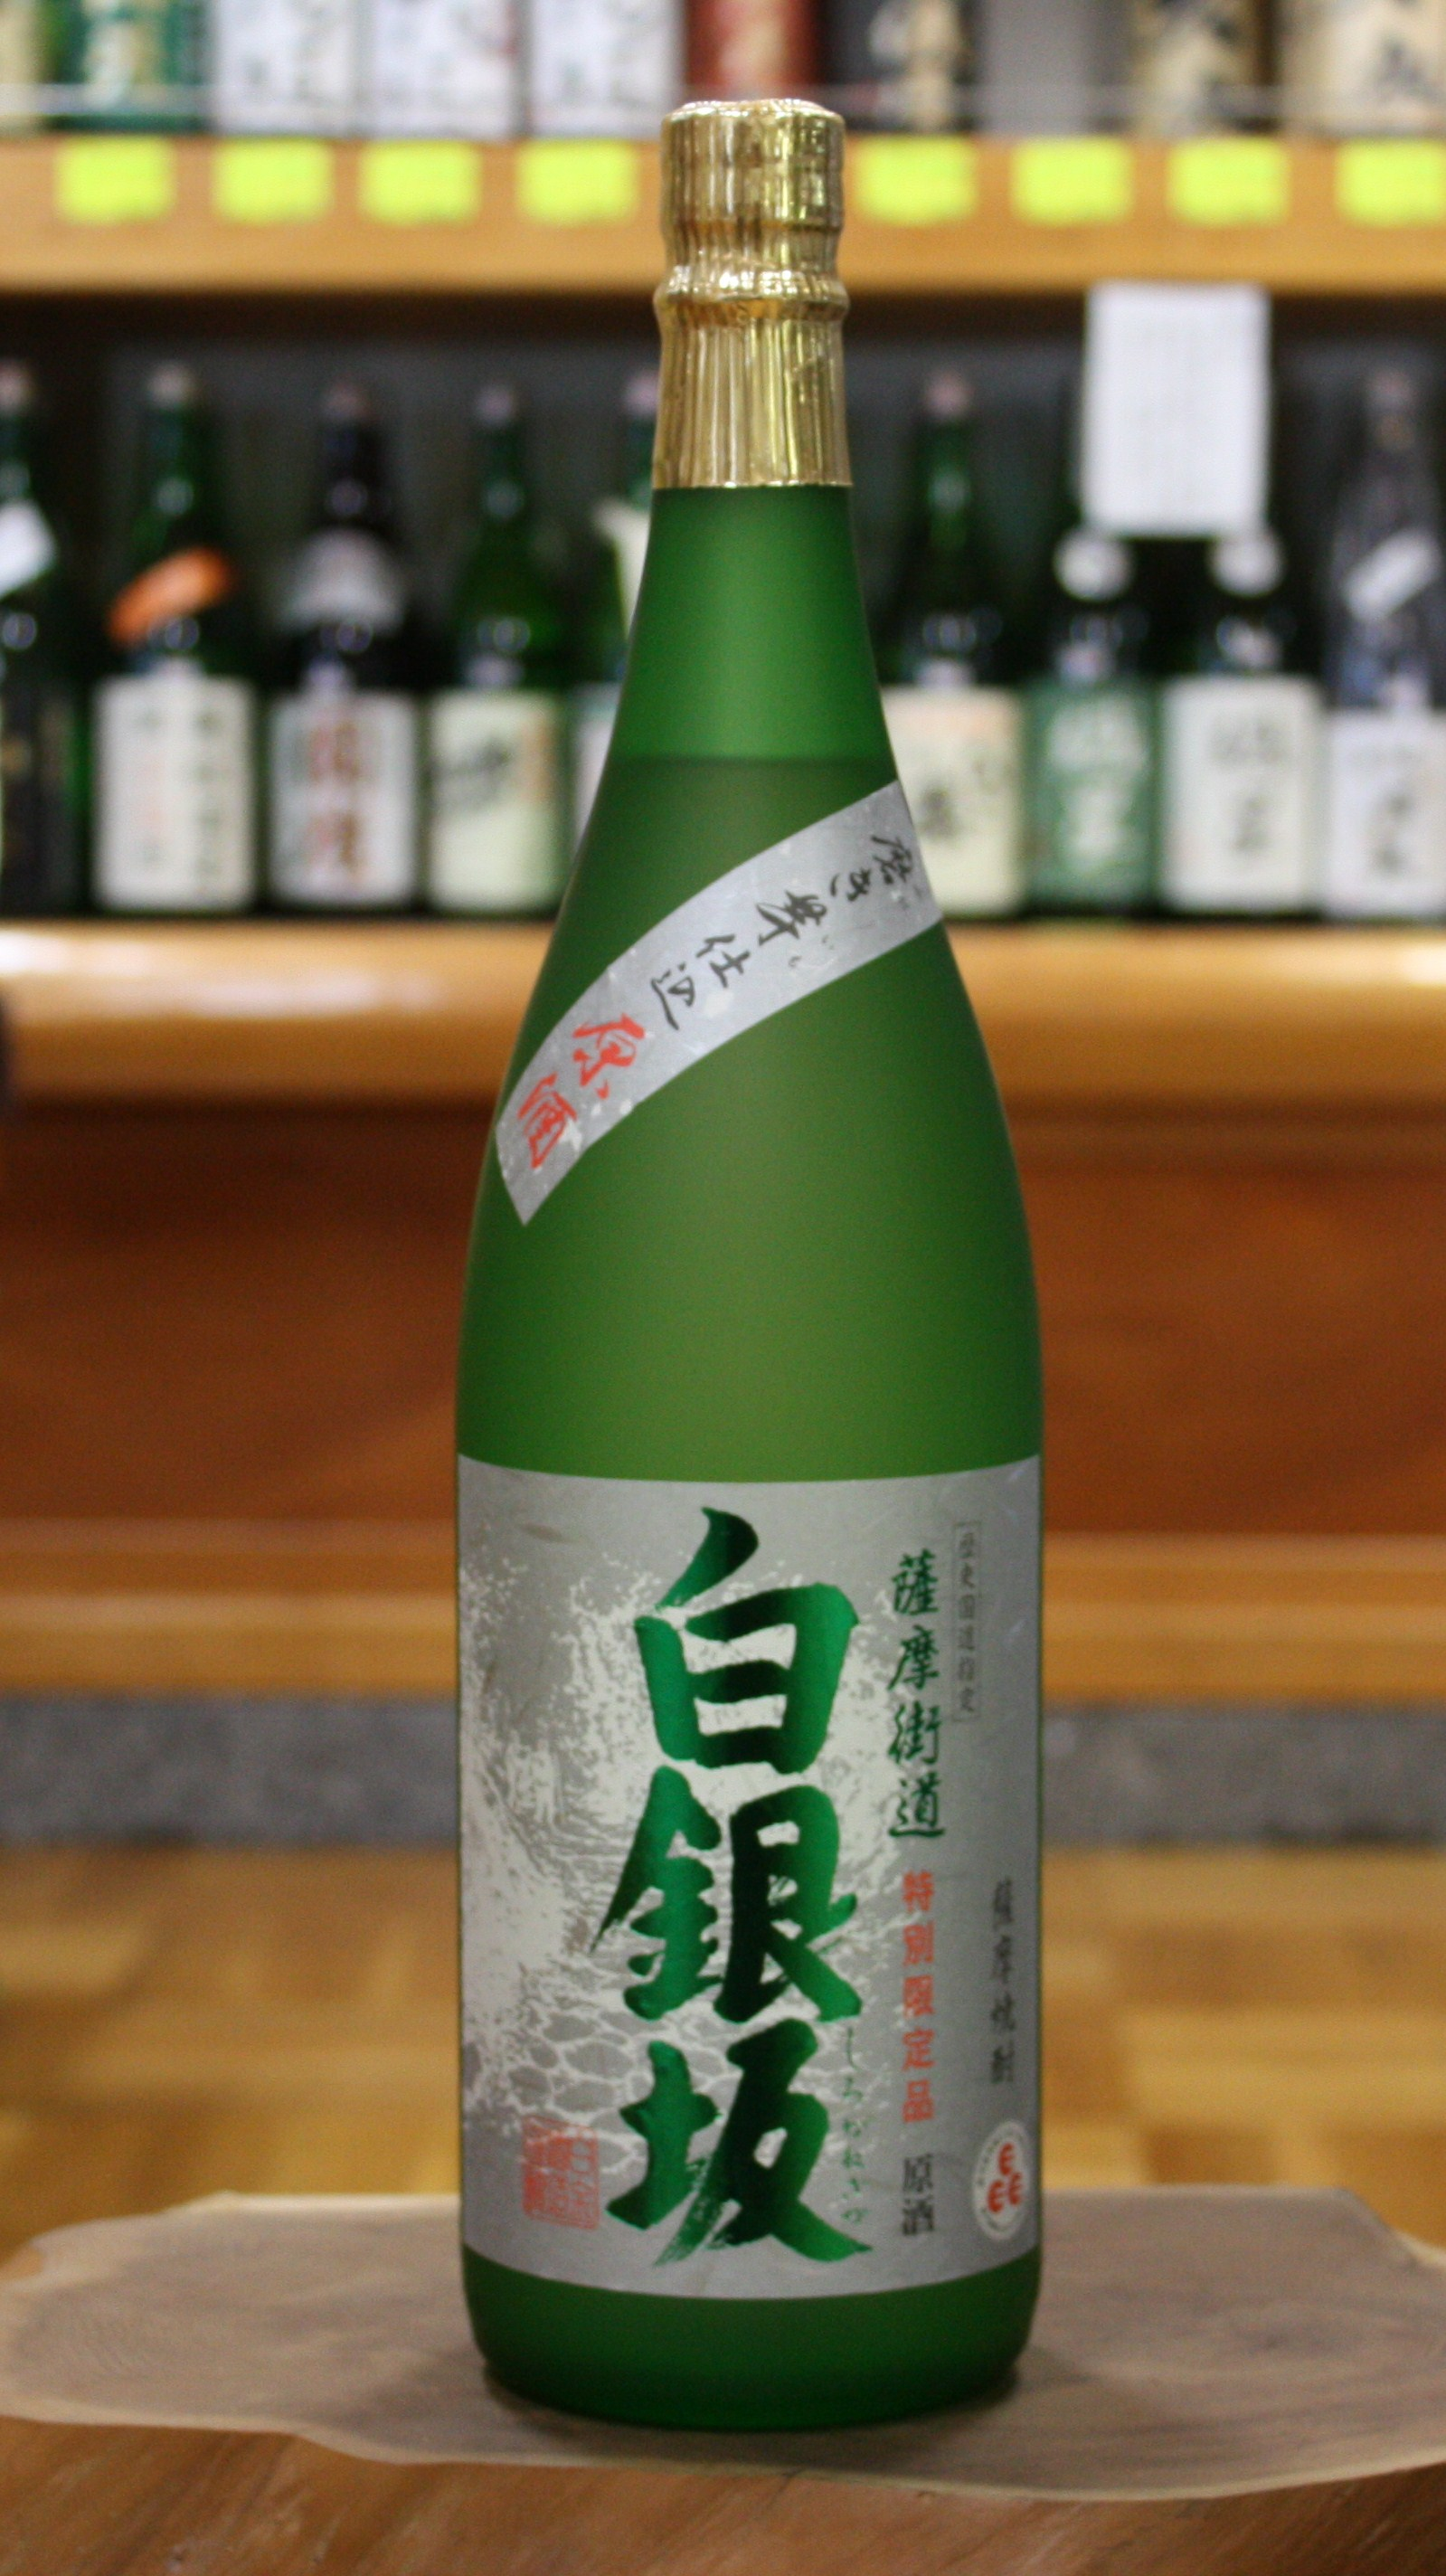 【鹿児島/白金酒造】 白銀坂 白麹 37度 (1800ml)限定品